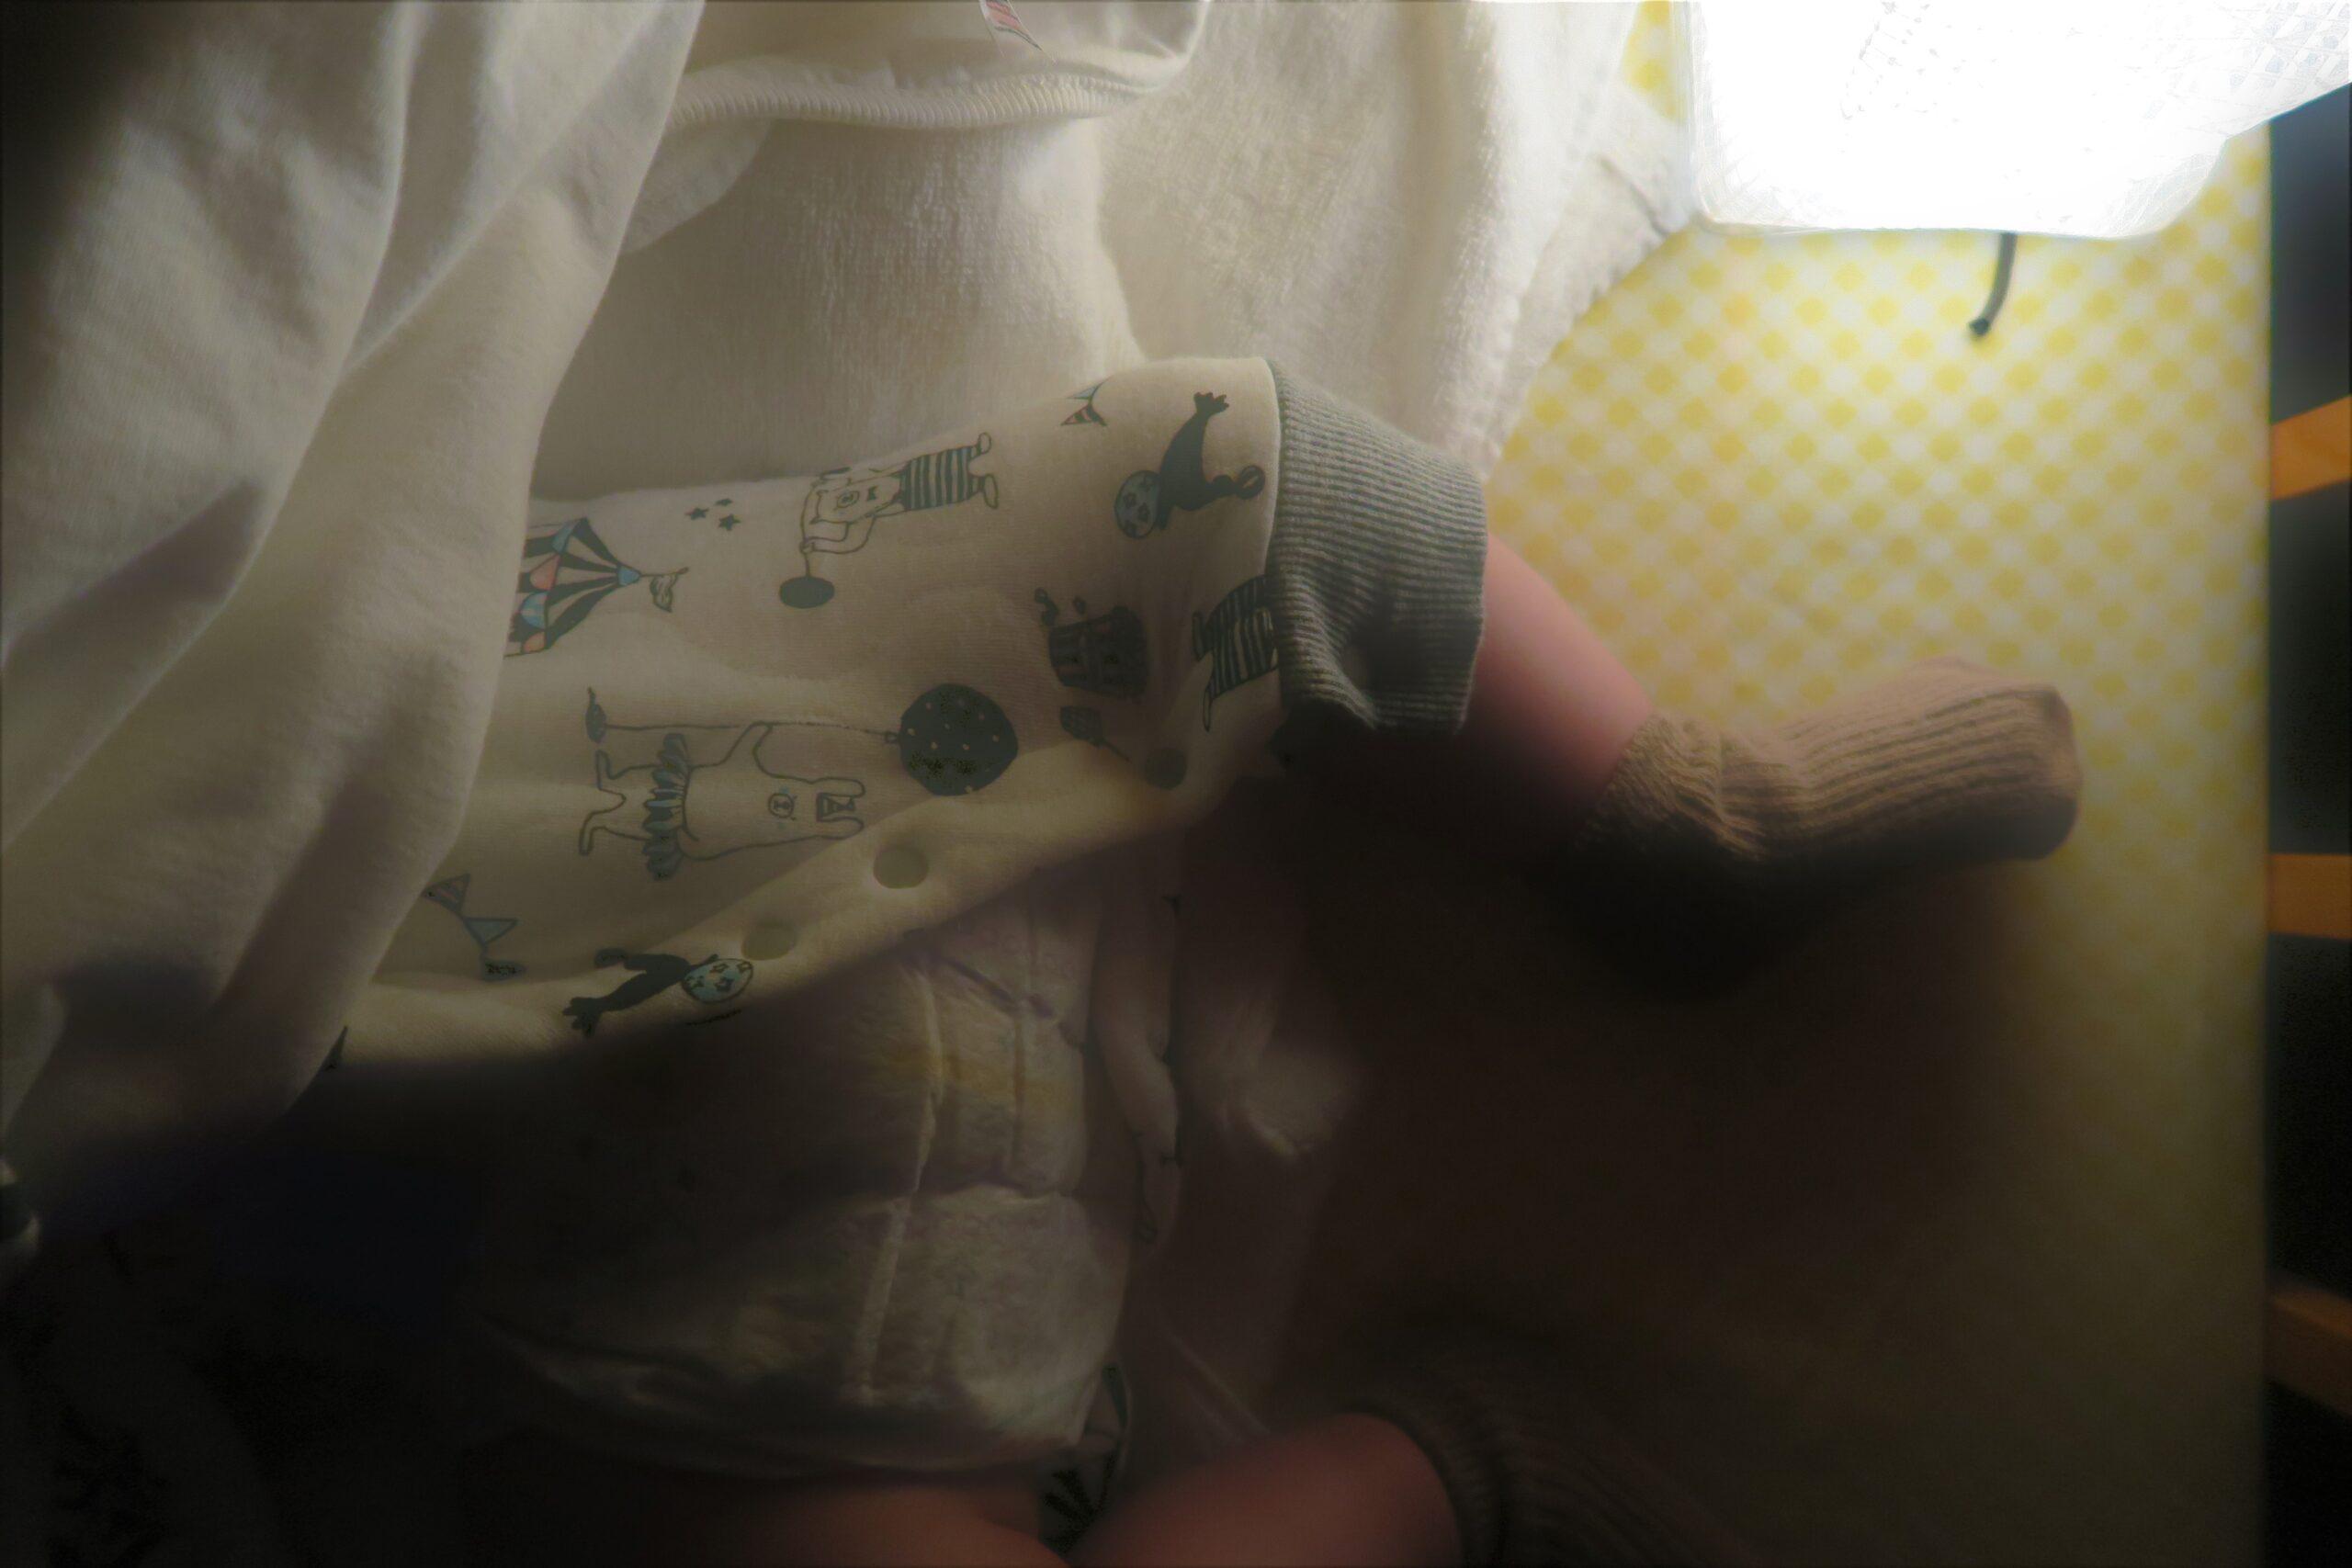 赤ちゃん夜お世話照明